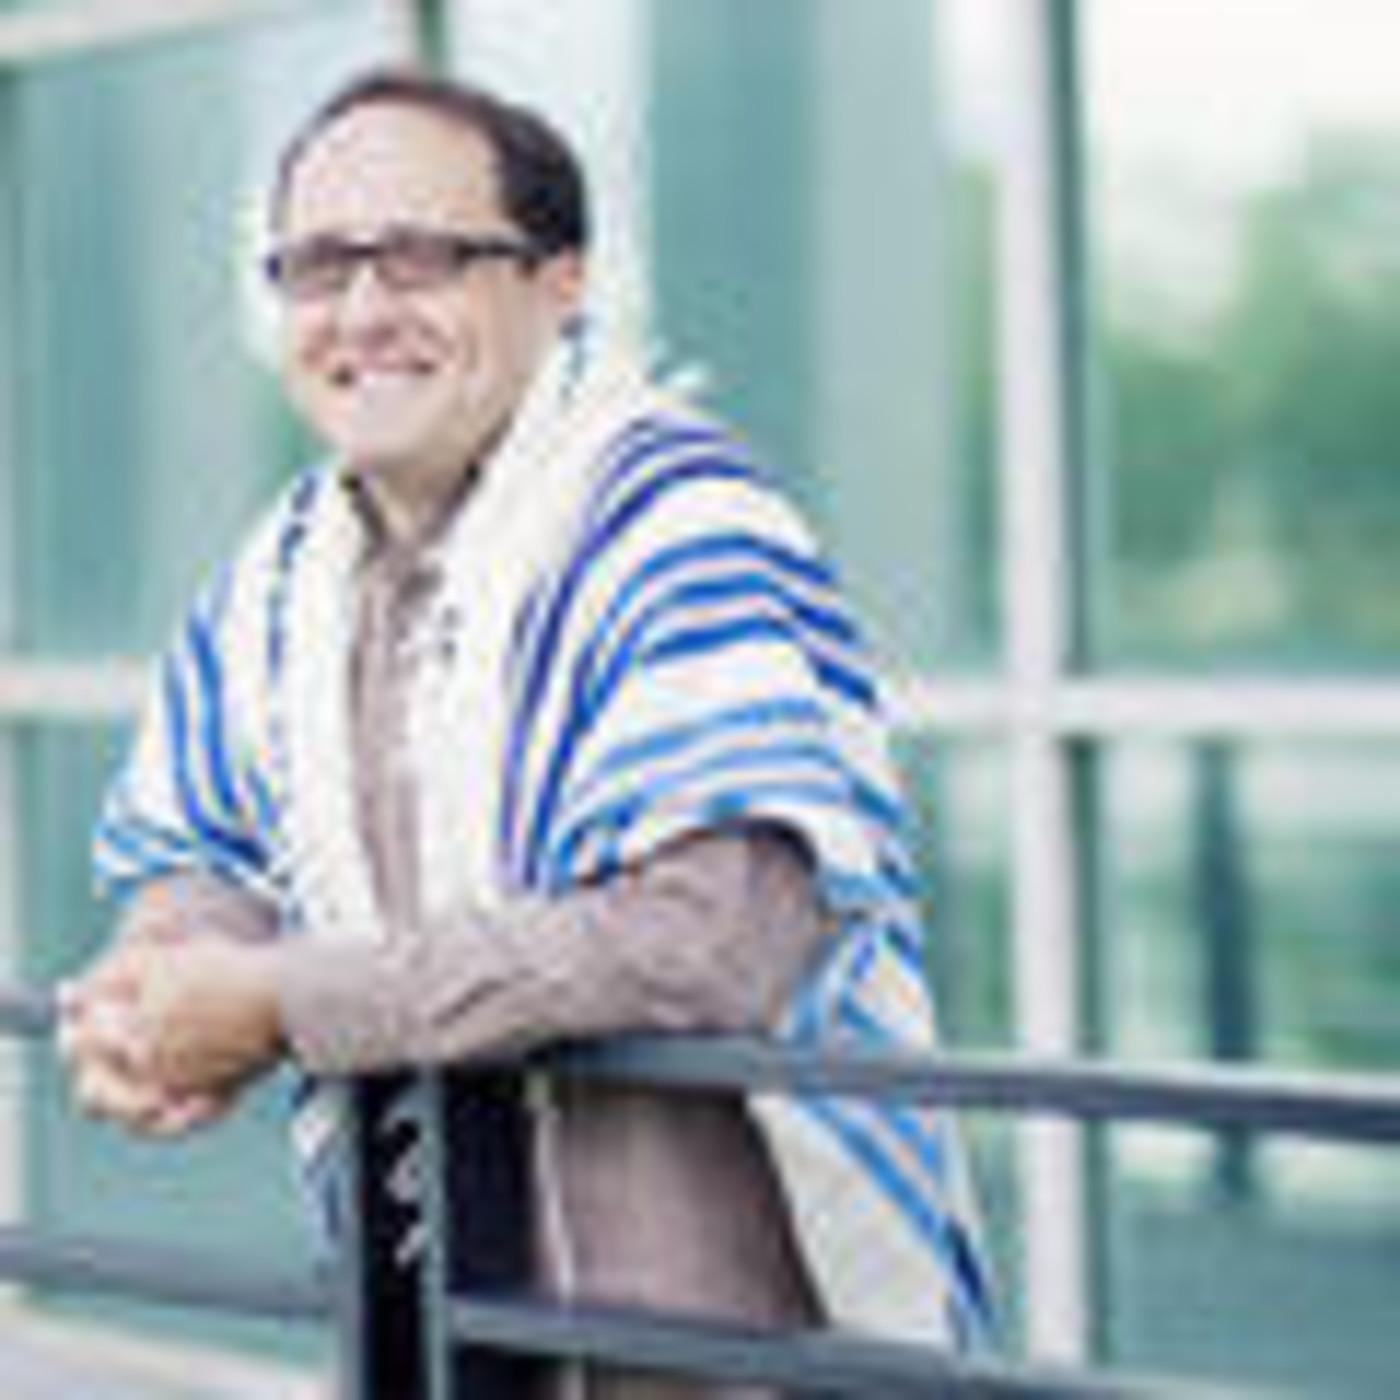 Rabbi Andrew Jacobs